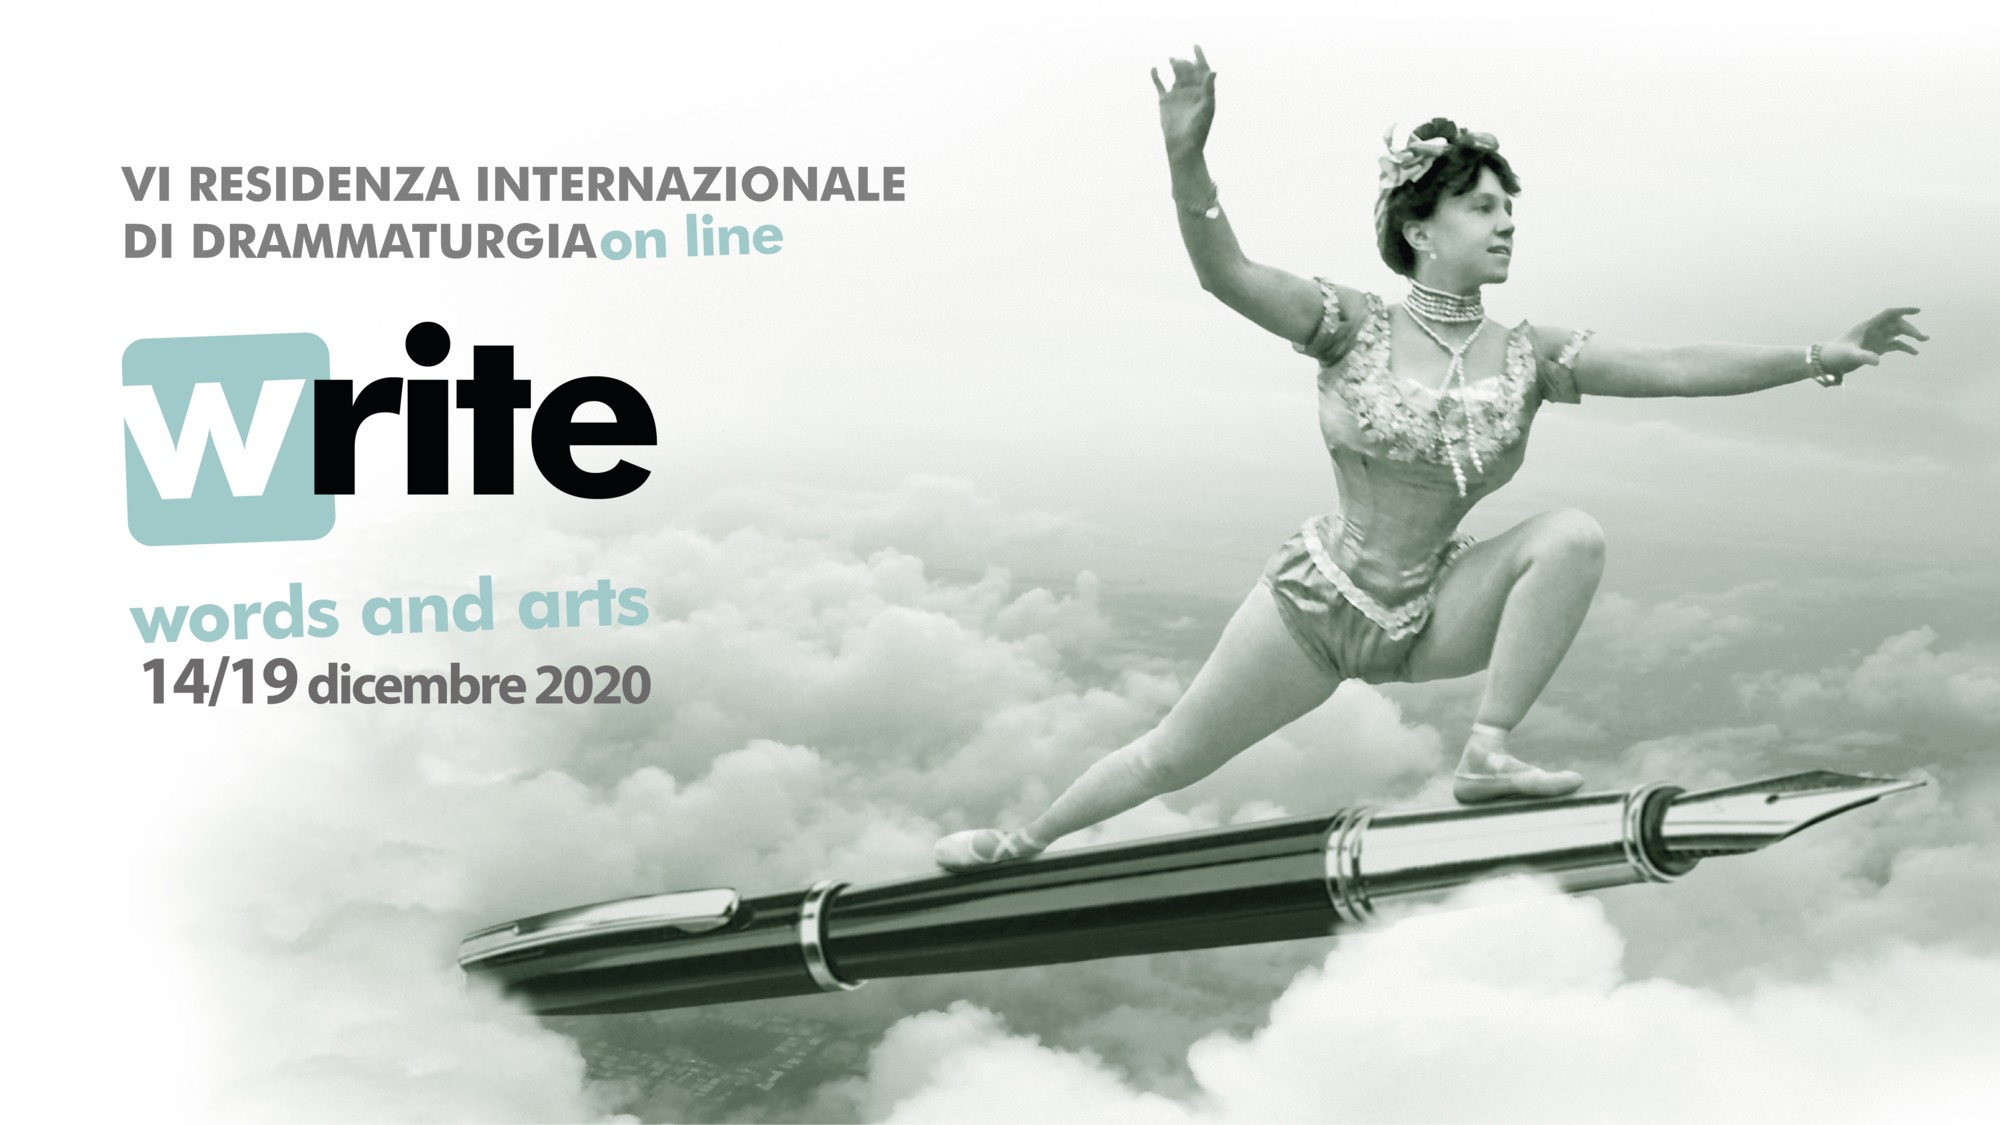 WRITE, progetto di residenza internazionale di drammaturgia: la VI edizione sarà online